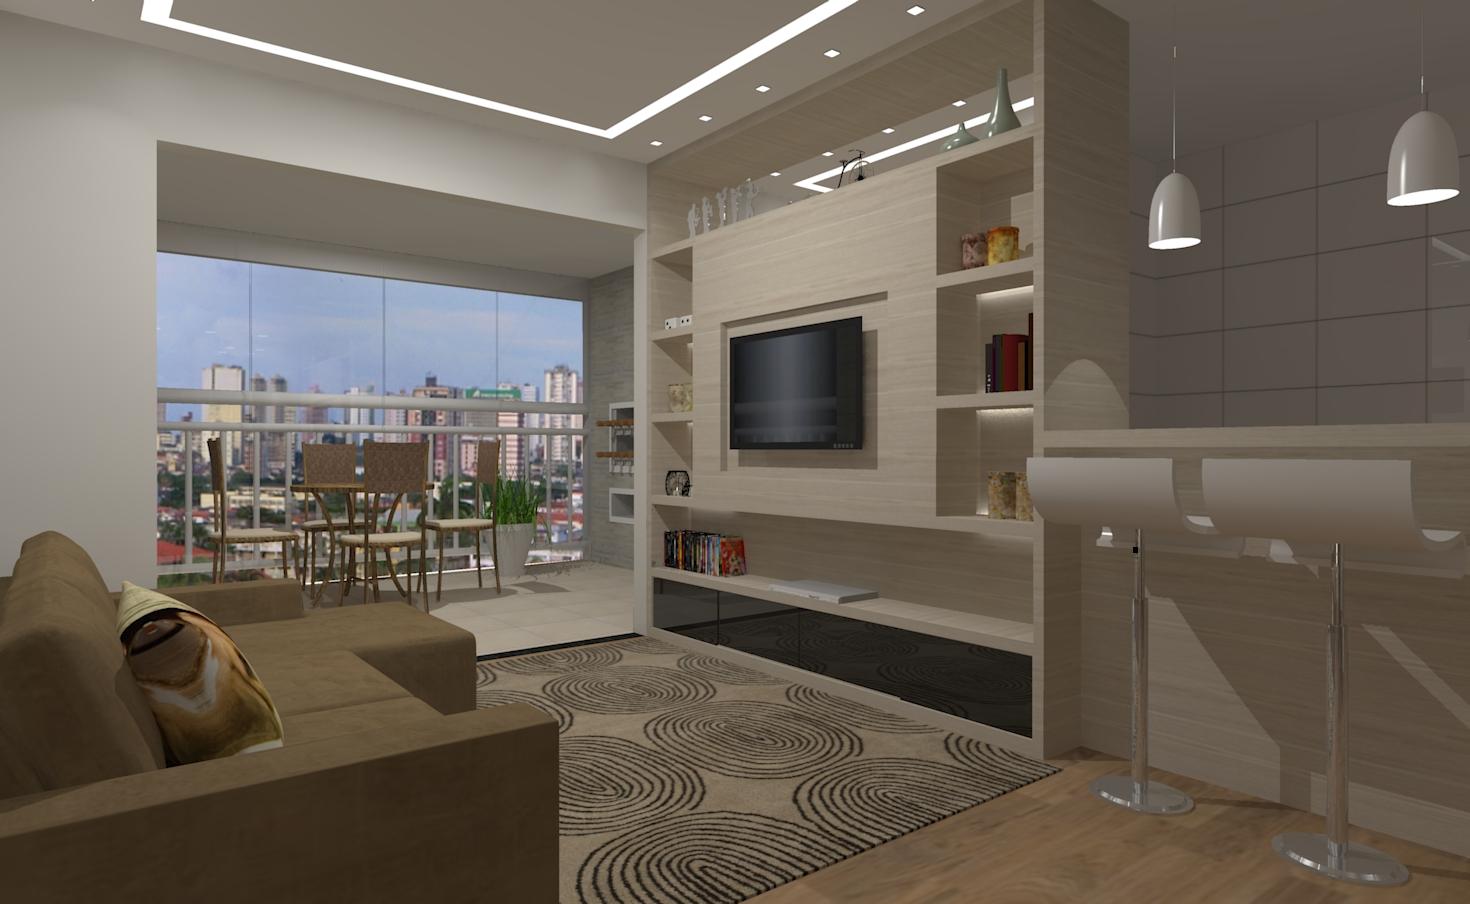 Salas integradas Seu Sonho Desenhado #465D85 1470 904